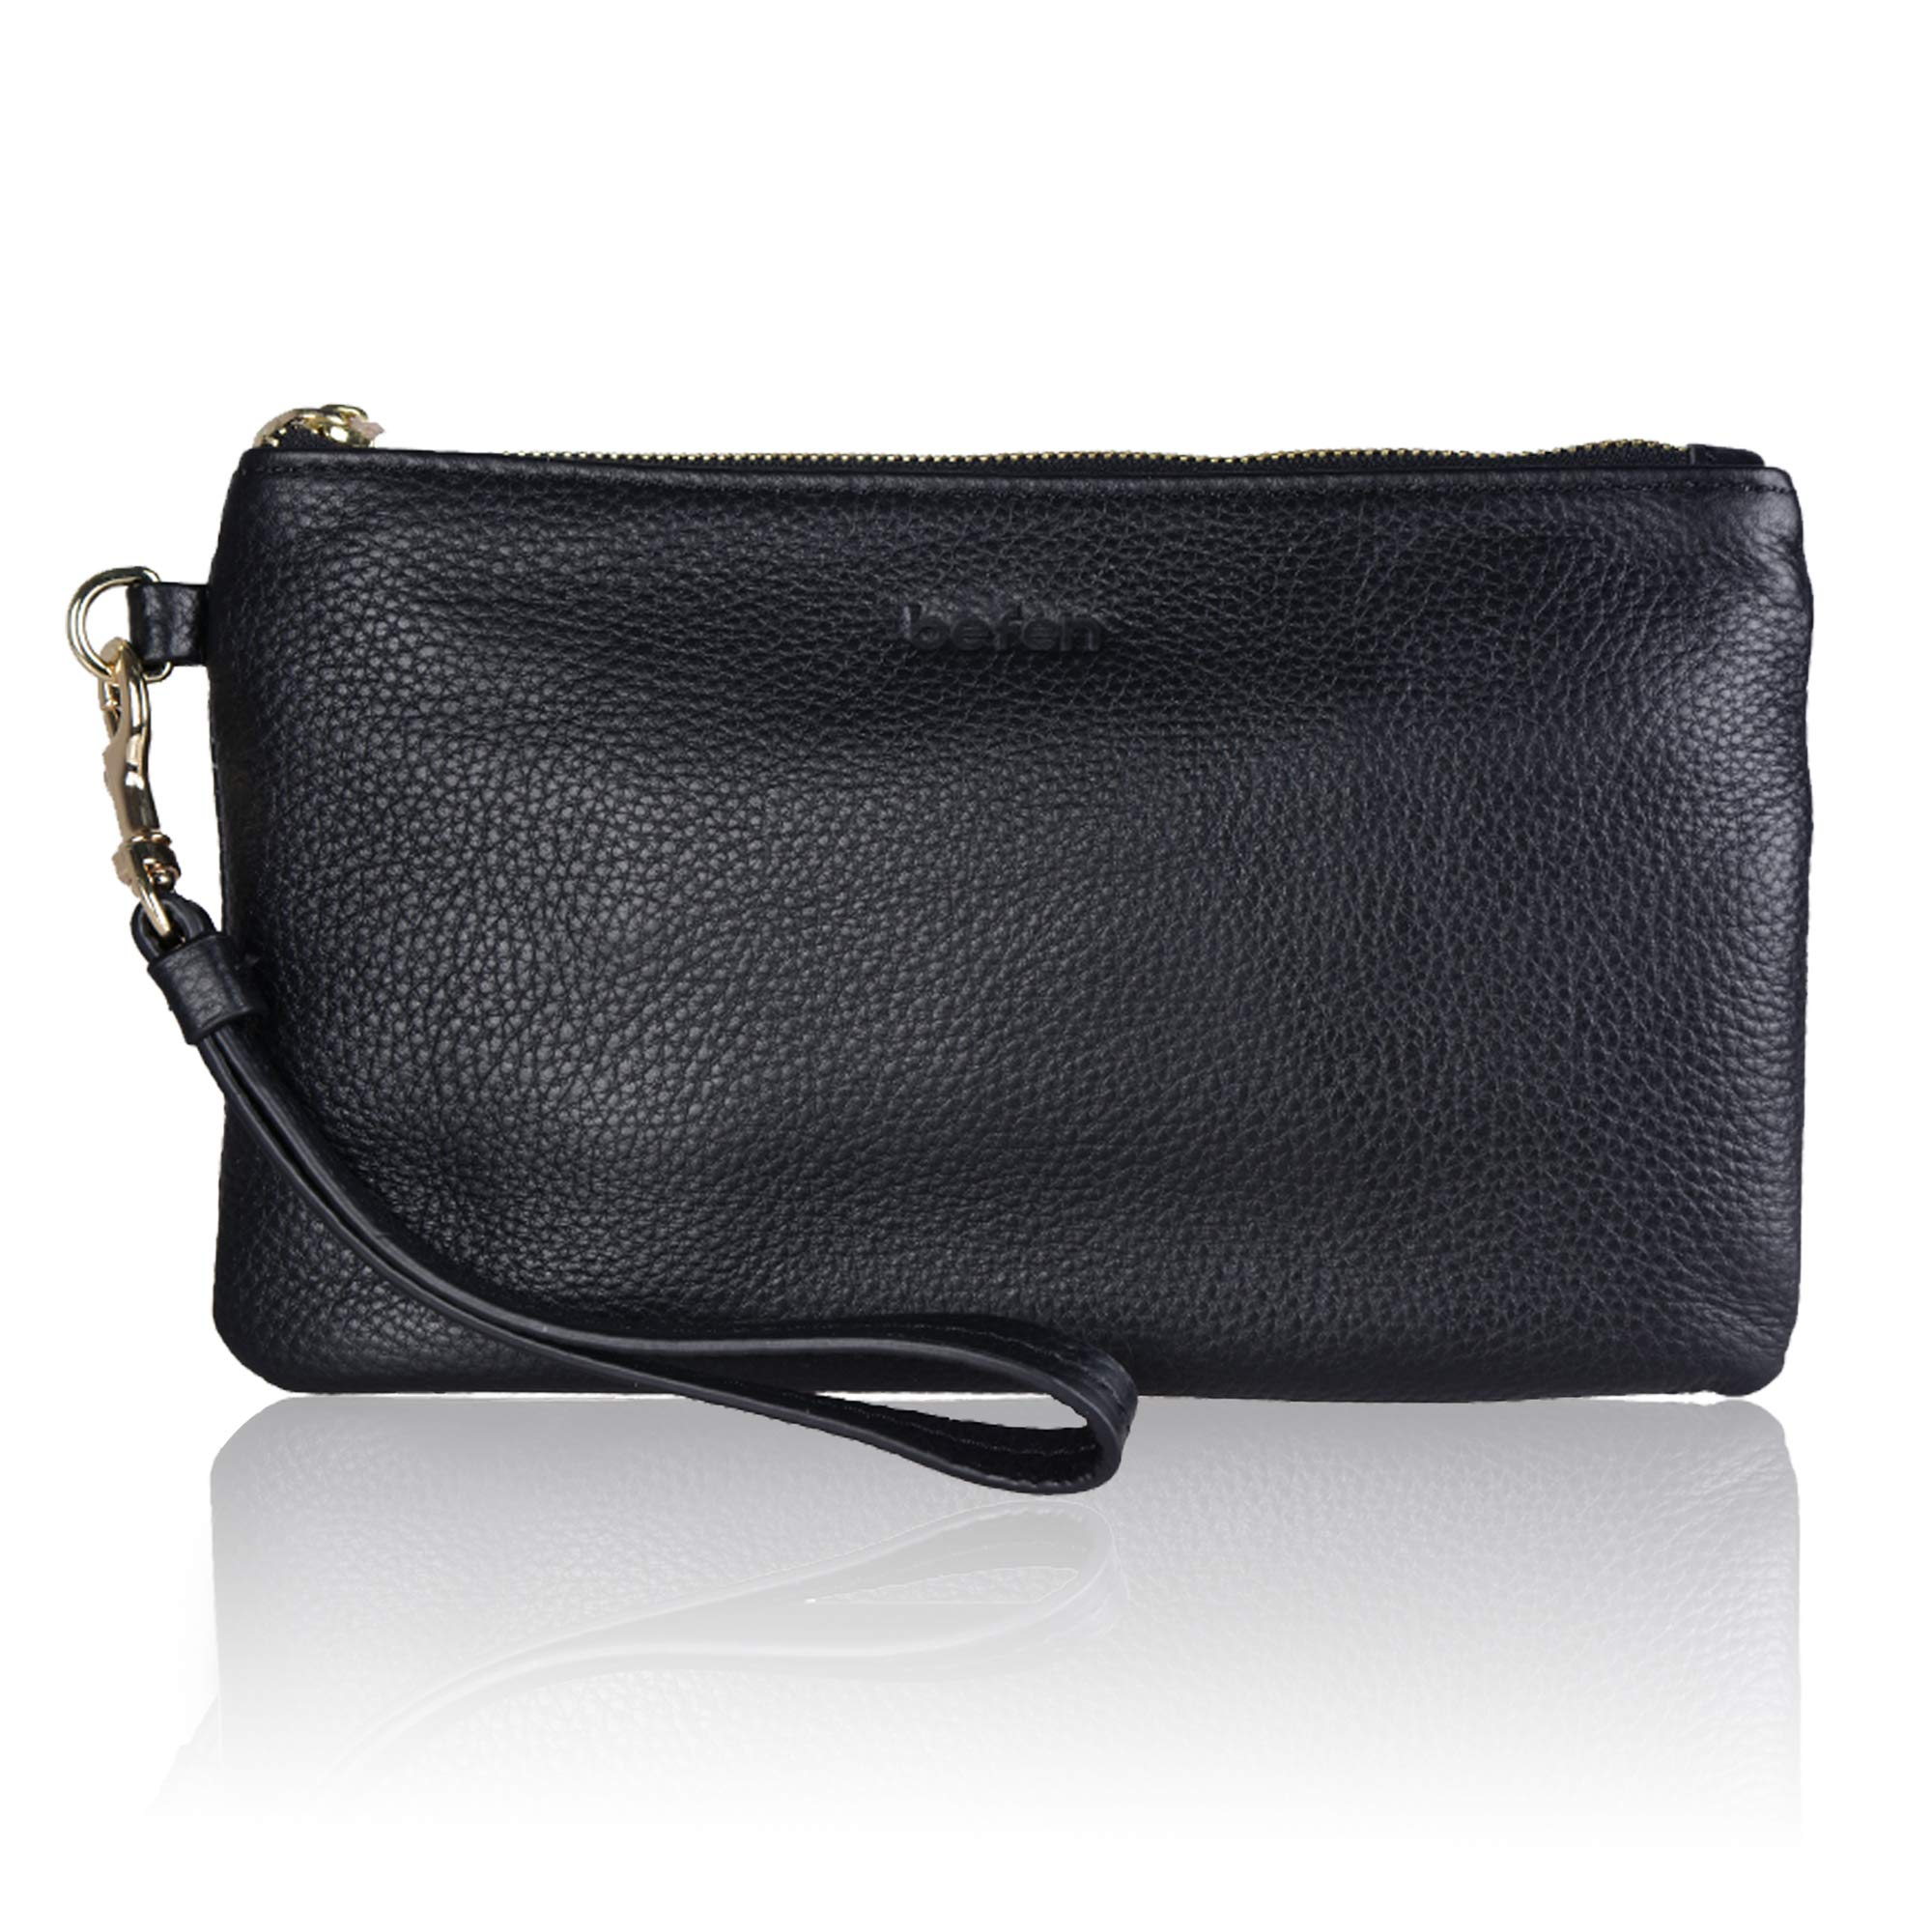 Befen Women Genuine Leather Clutch Wallet, Smartphone Wristlet Purse - Black by befen